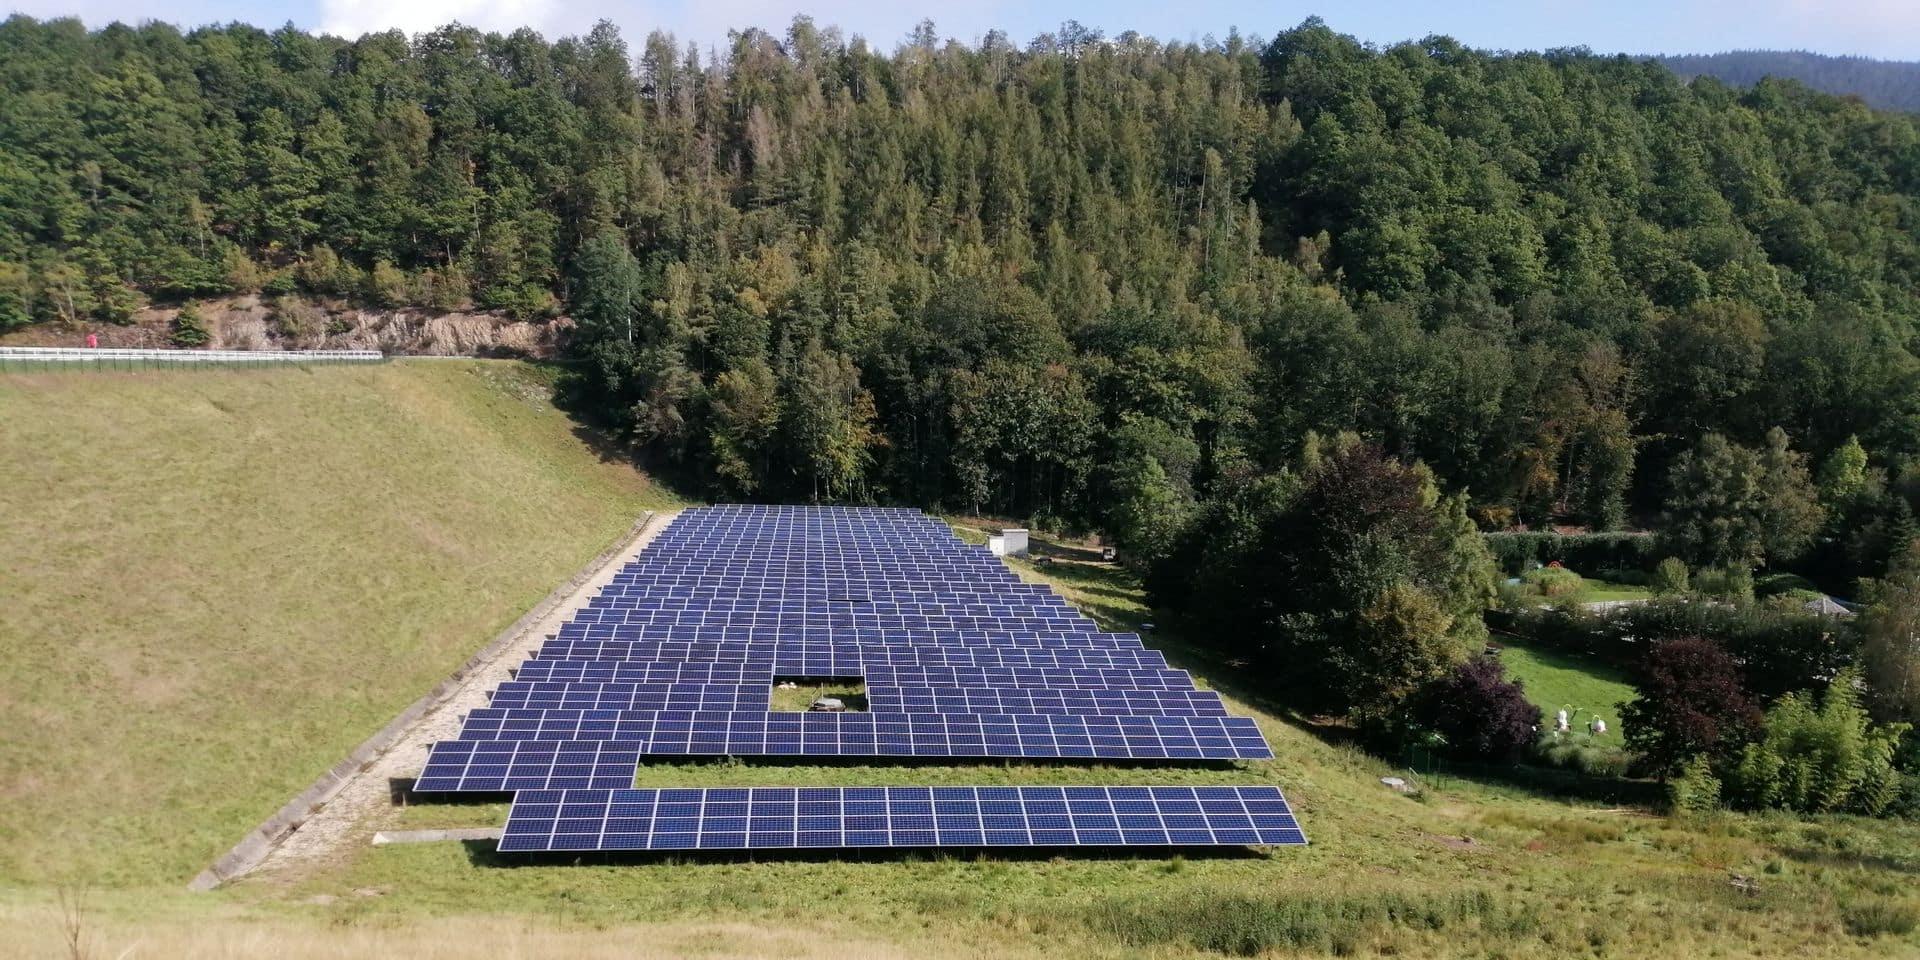 2640 panneaux photovoltaïques à Coo. Et une grande ambition verte !